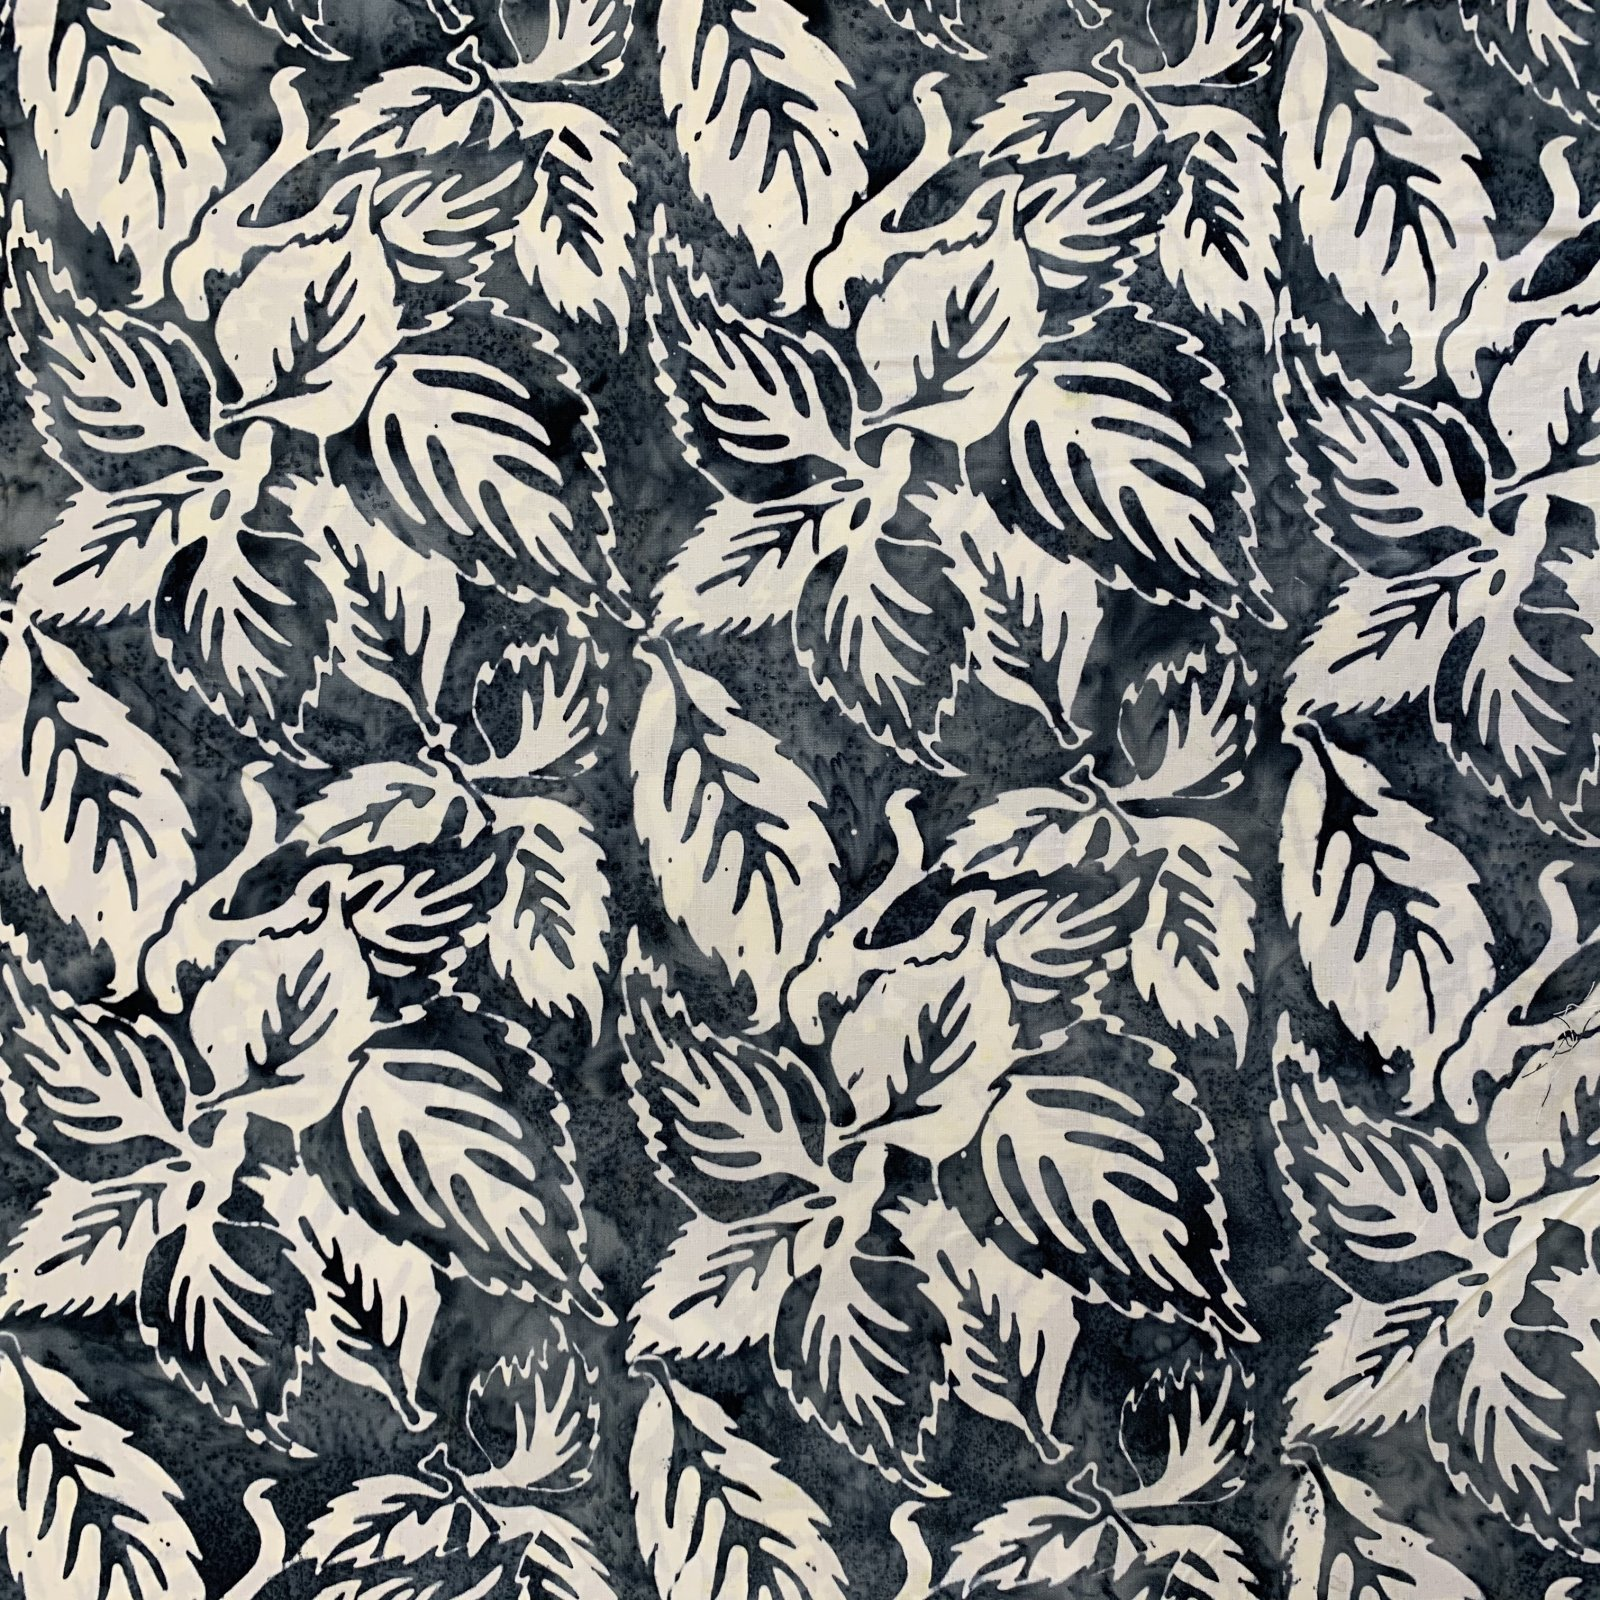 Batik Textiles 3728